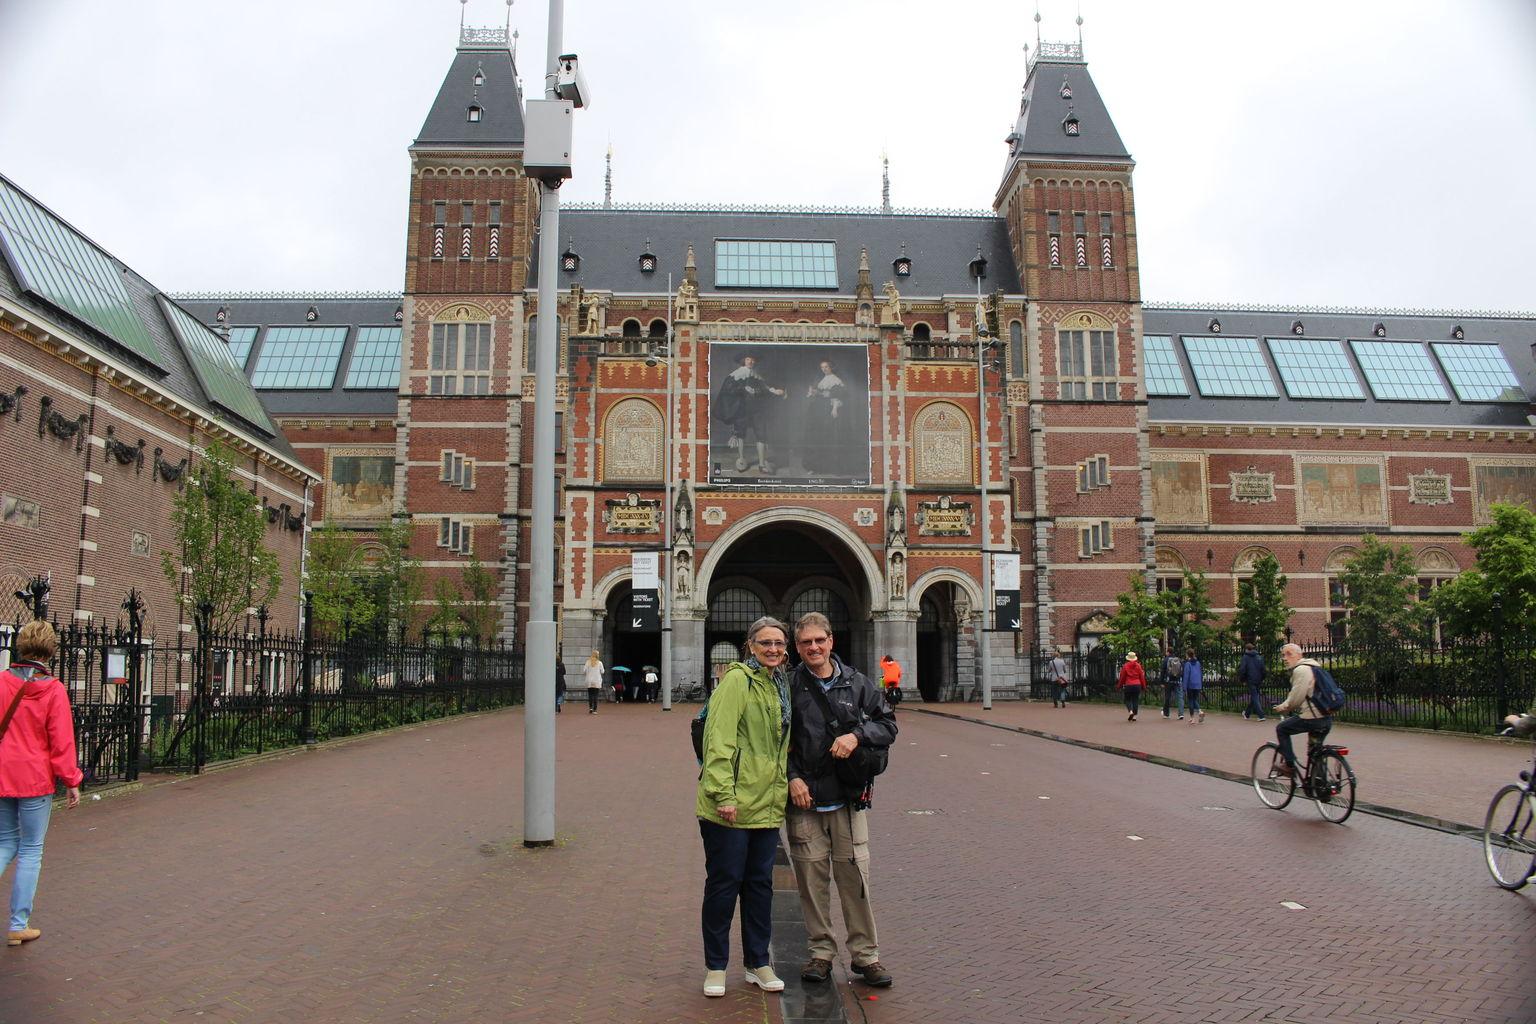 MÁS FOTOS, Evite las colas: visita al Museo de Van Gogh y el Rijksmuseum para grupos pequeños en Ámsterdam